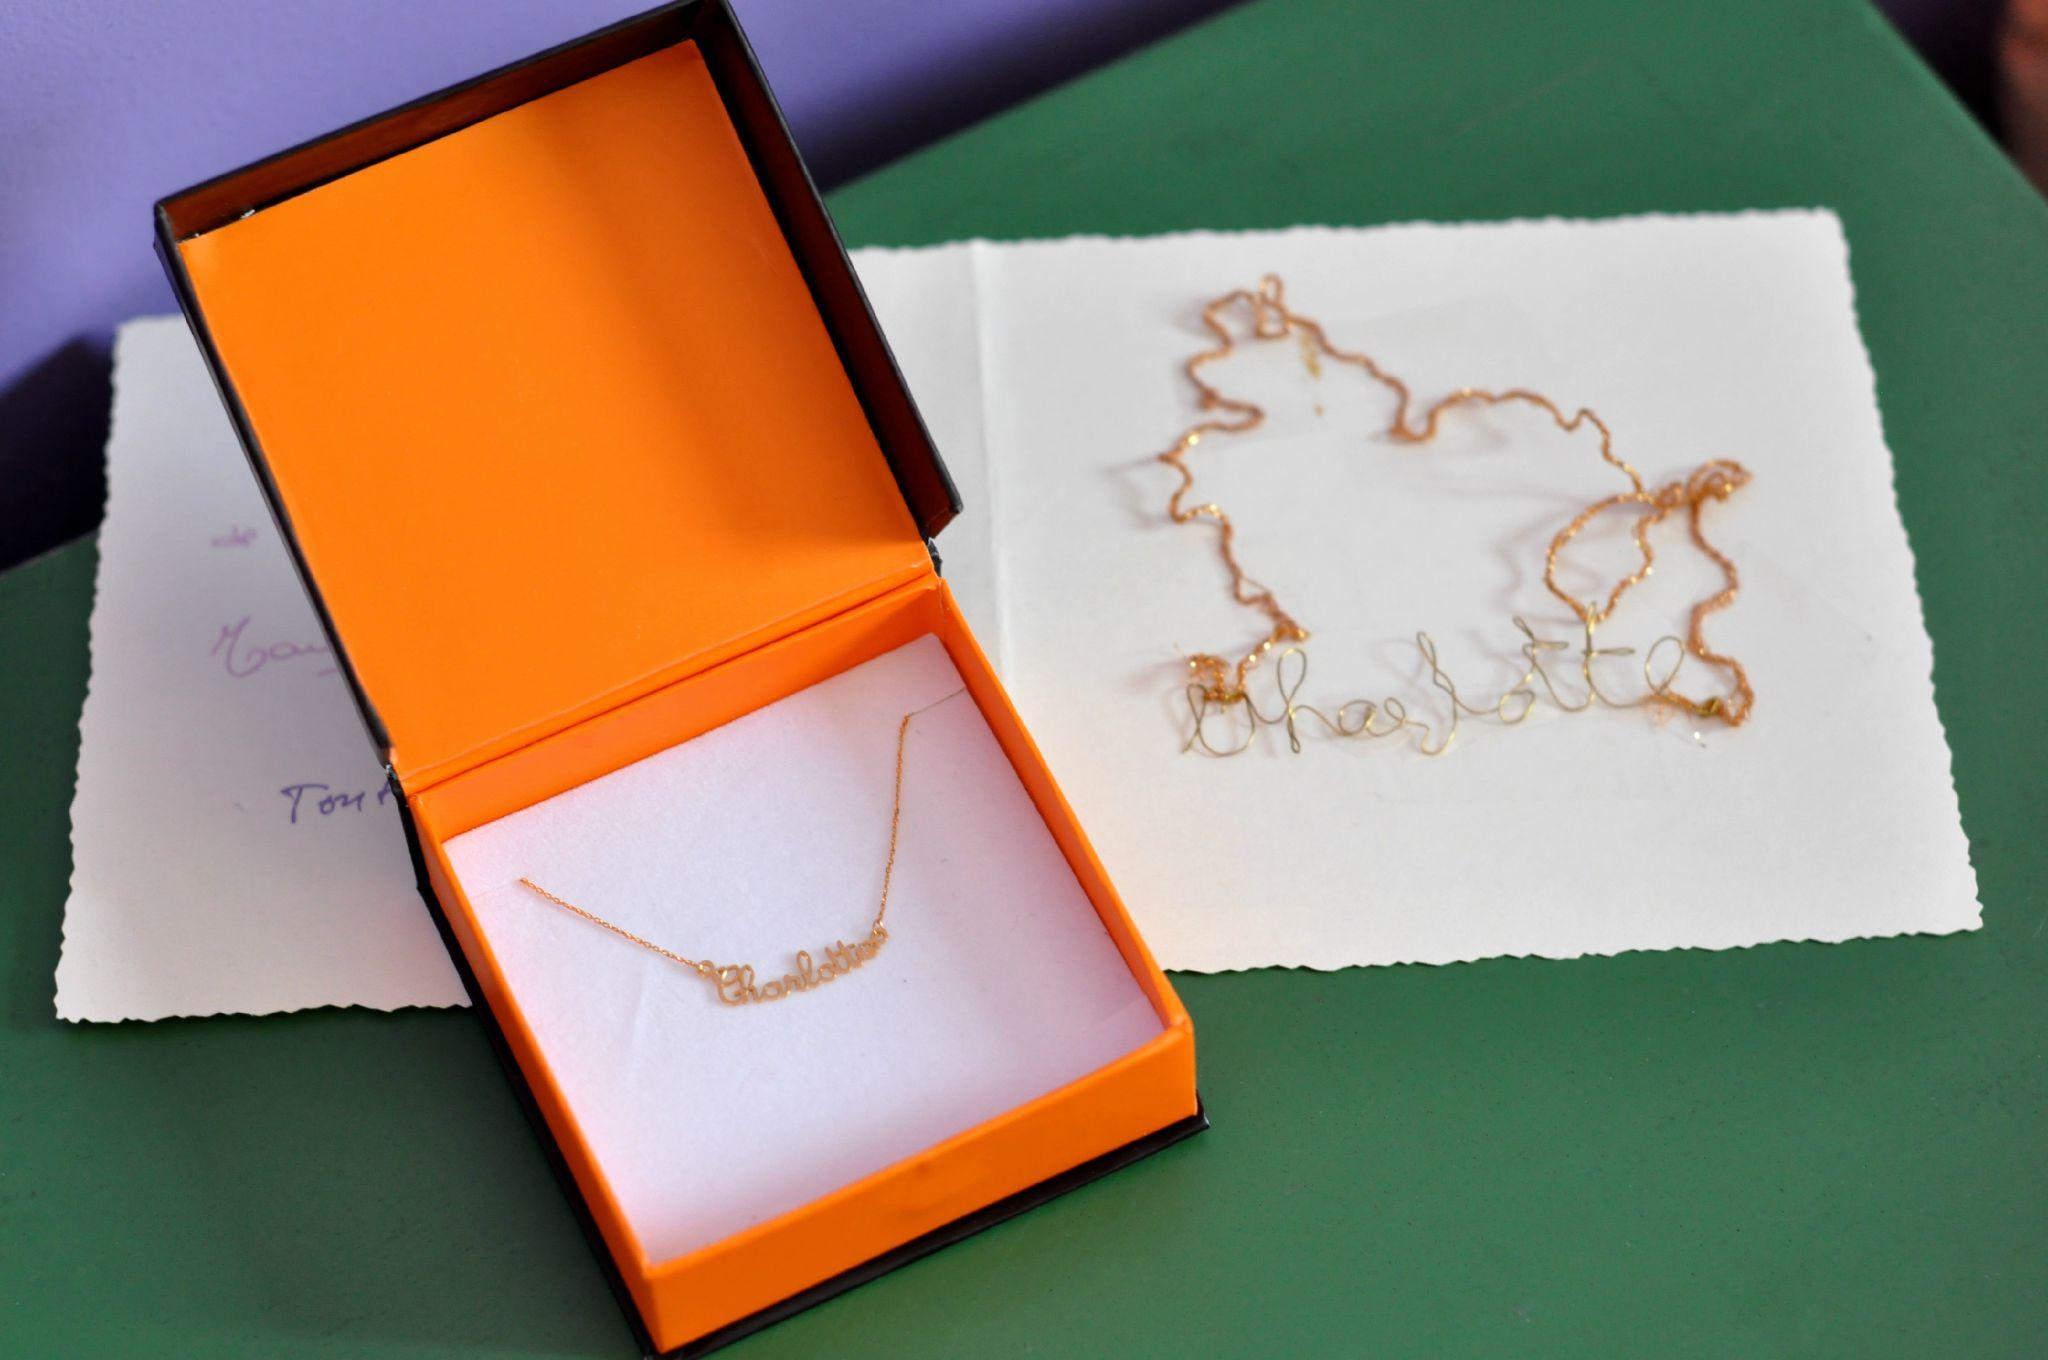 une carte pour le parrainage de charlotte couture tricot scrapbooking bijoux. Black Bedroom Furniture Sets. Home Design Ideas